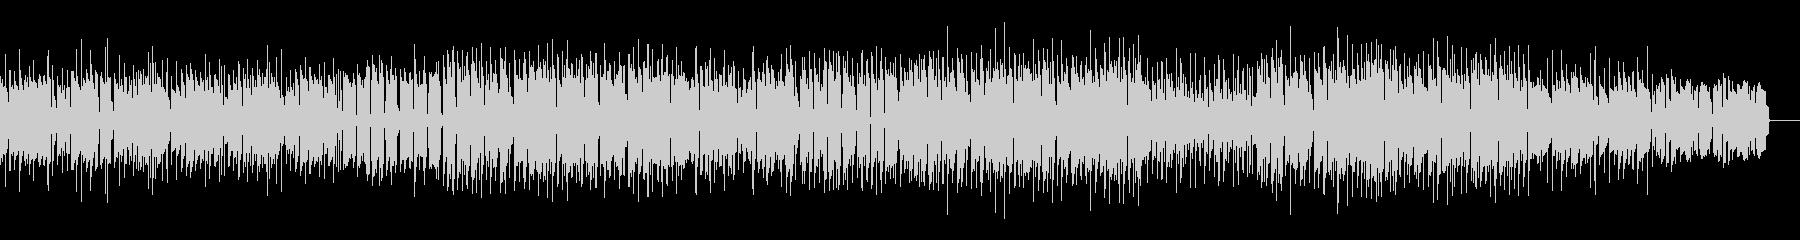 バンジョーを使用、ワルツのカントリー音楽の未再生の波形